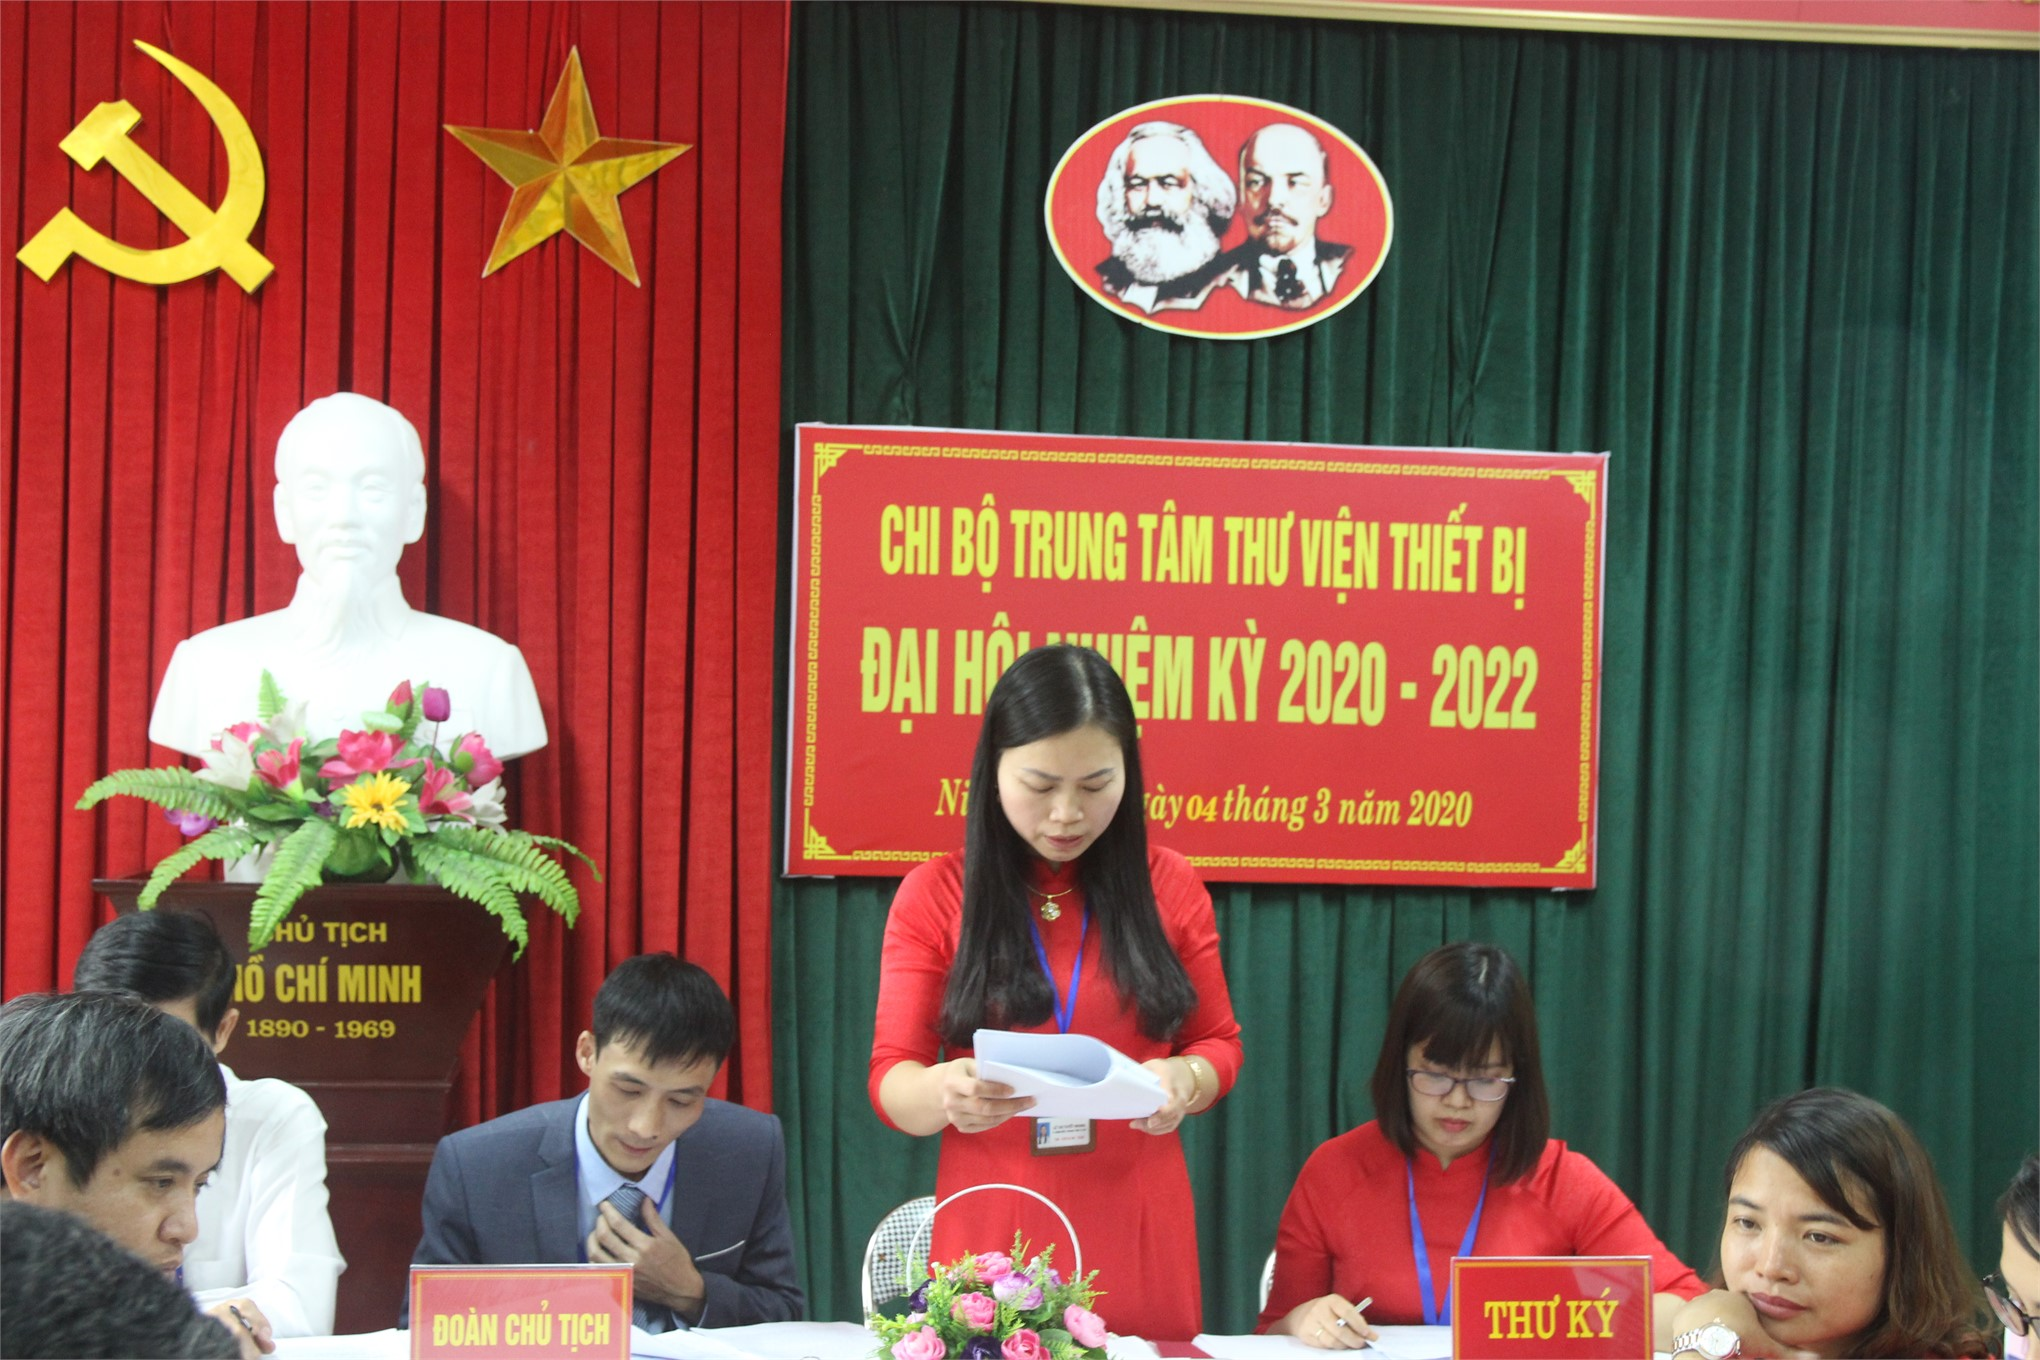 CHI BỘ TRUNG TÂM THƯ VIỆN - THIẾT BỊ TỔ CHỨC ĐẠI HỘI CHI BỘ NHIỆM KỲ 2020 - 2022